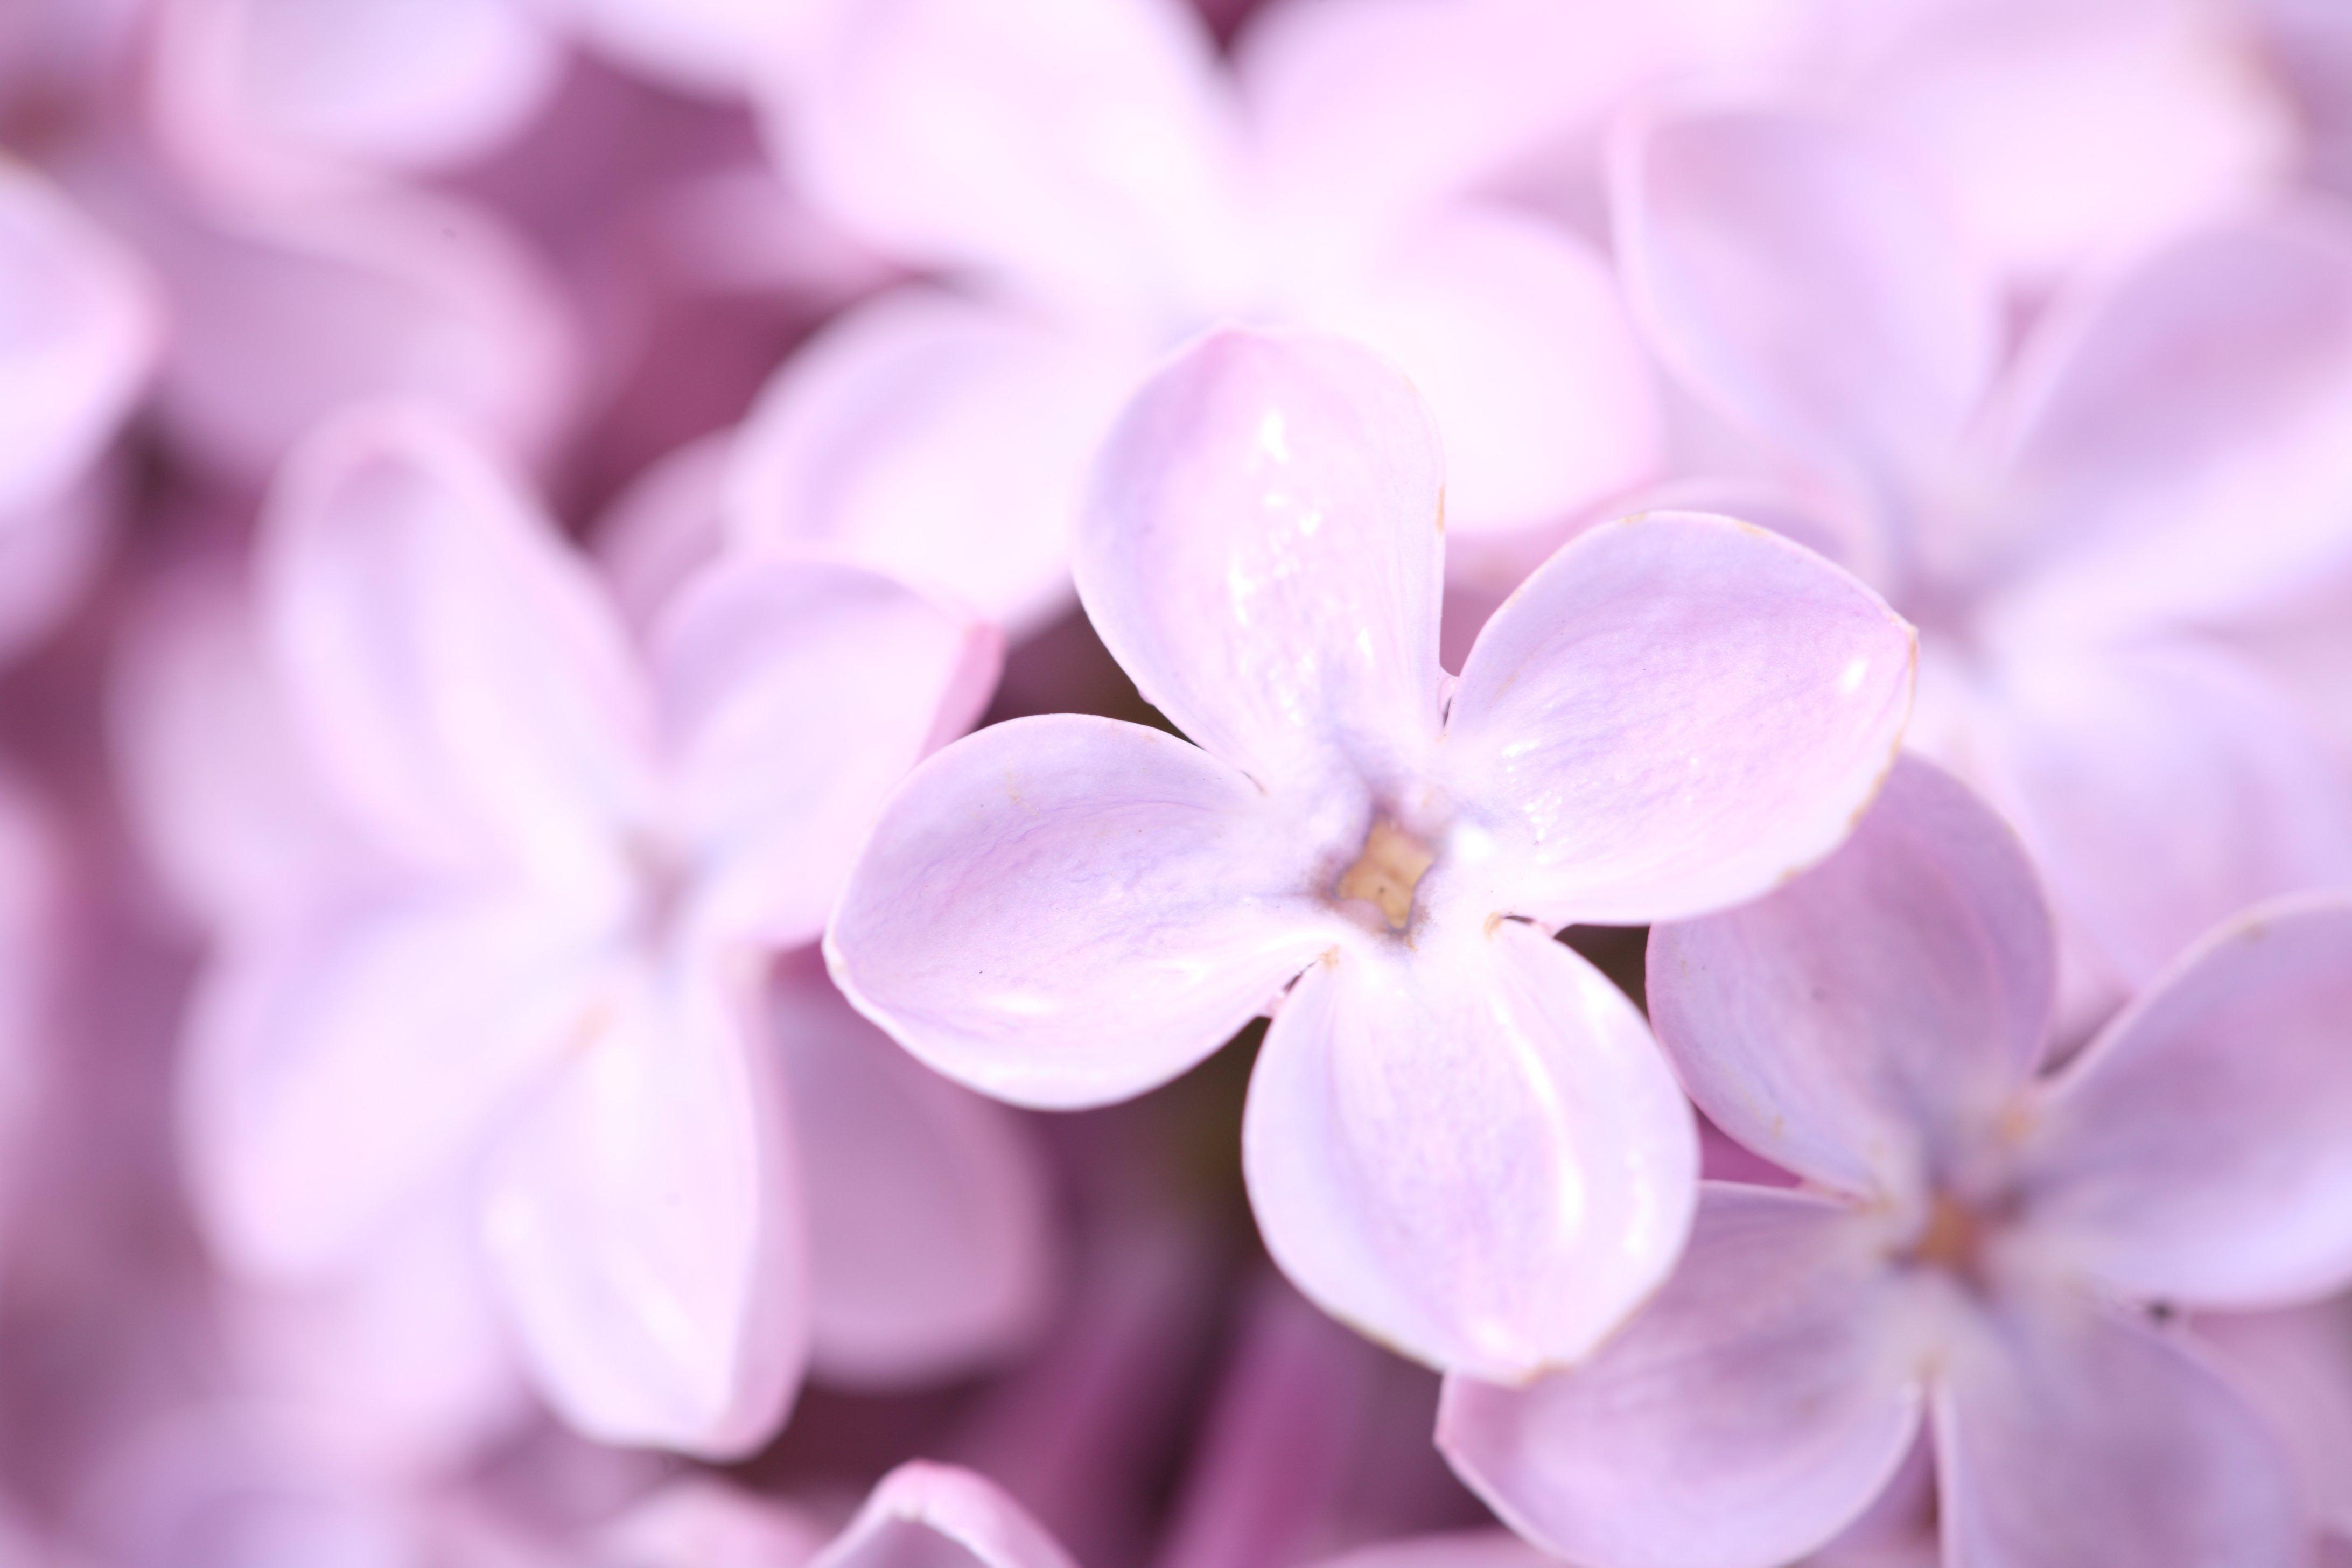 Сирень белая розовая сиреневая  № 3065862 без смс